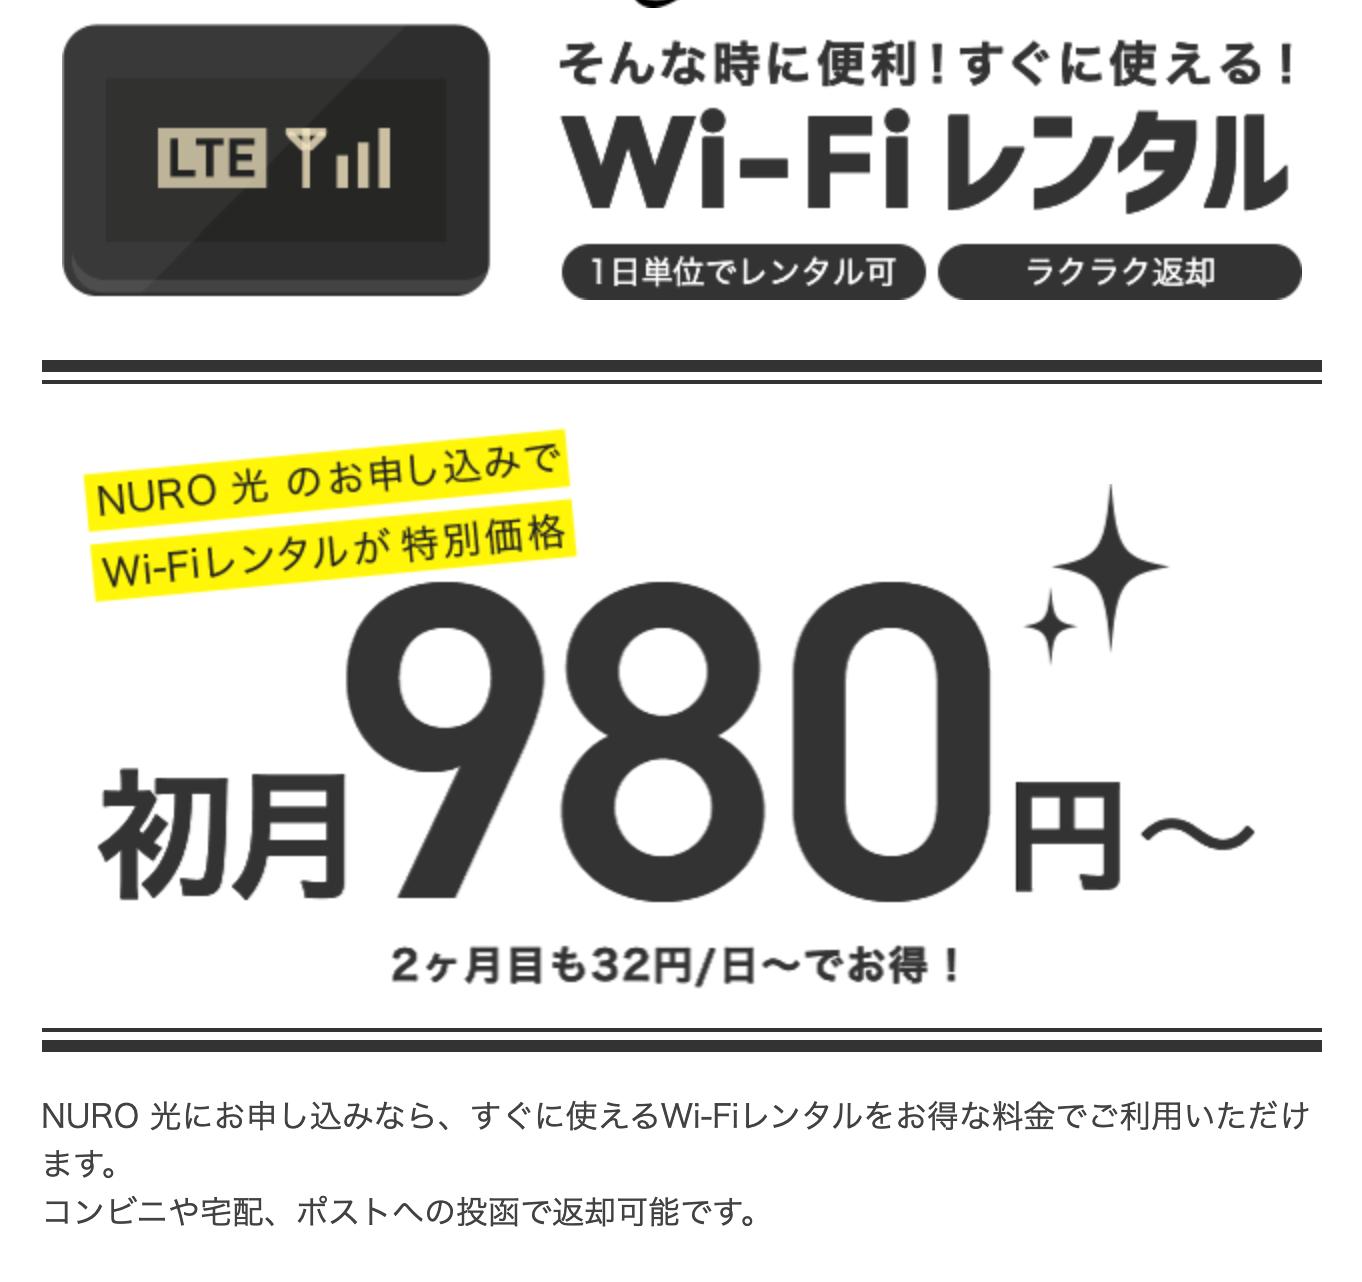 NURO光のモバイル Wi-Fiレンタル詳細